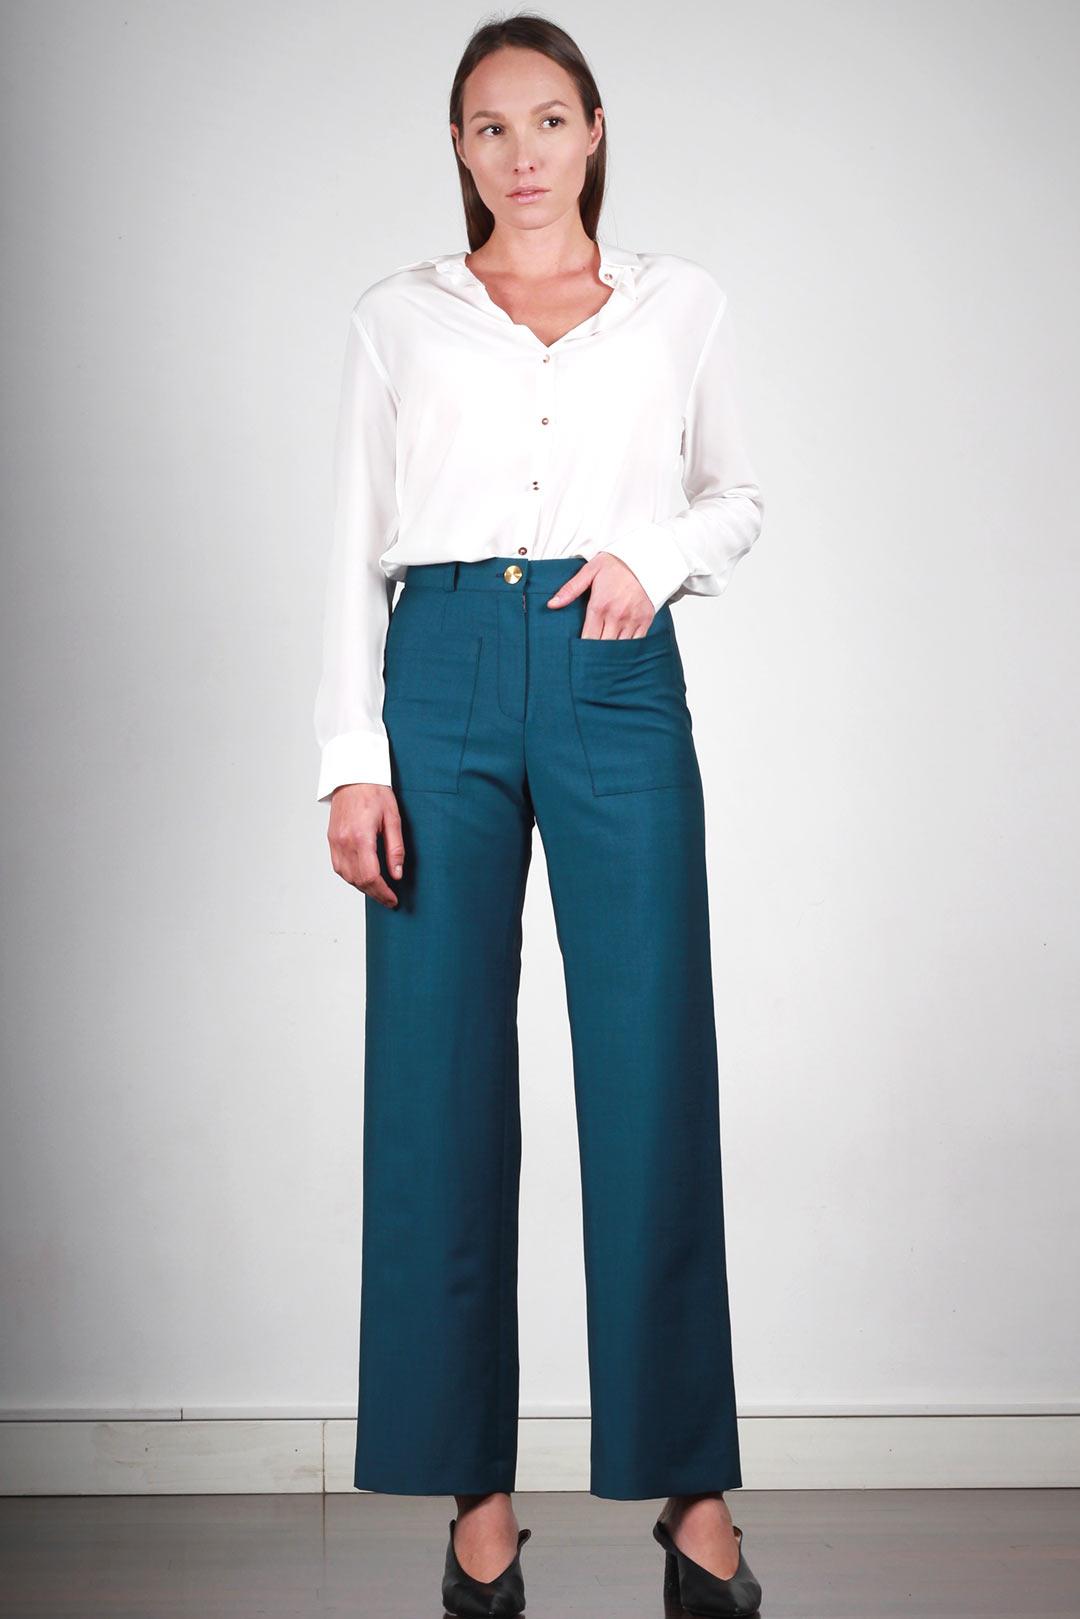 pantalon bleu canard femme large taille haute made in france atode. Black Bedroom Furniture Sets. Home Design Ideas